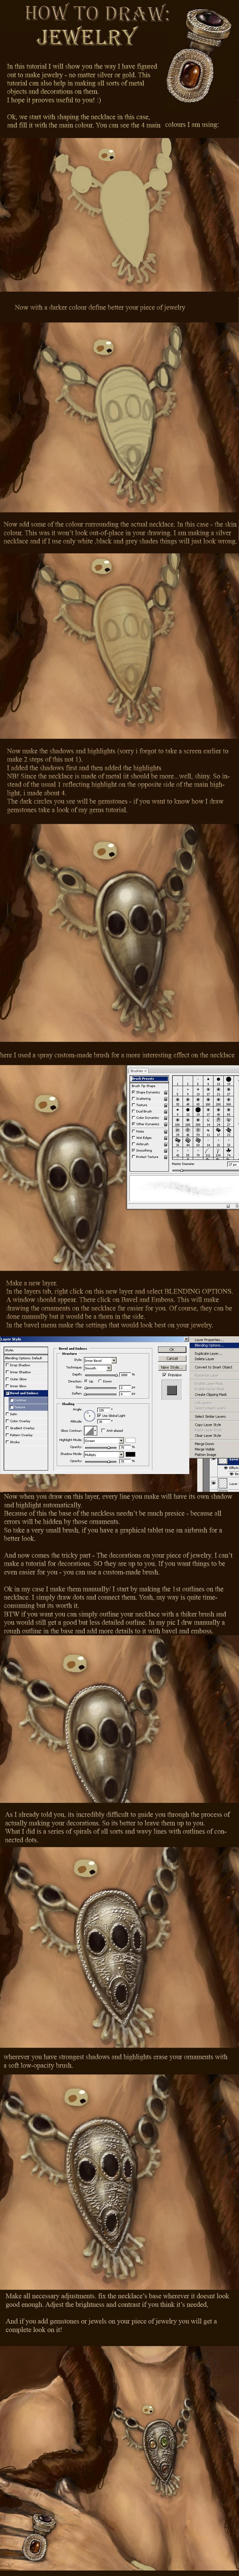 How to Draw: Jewelry by NightWish666